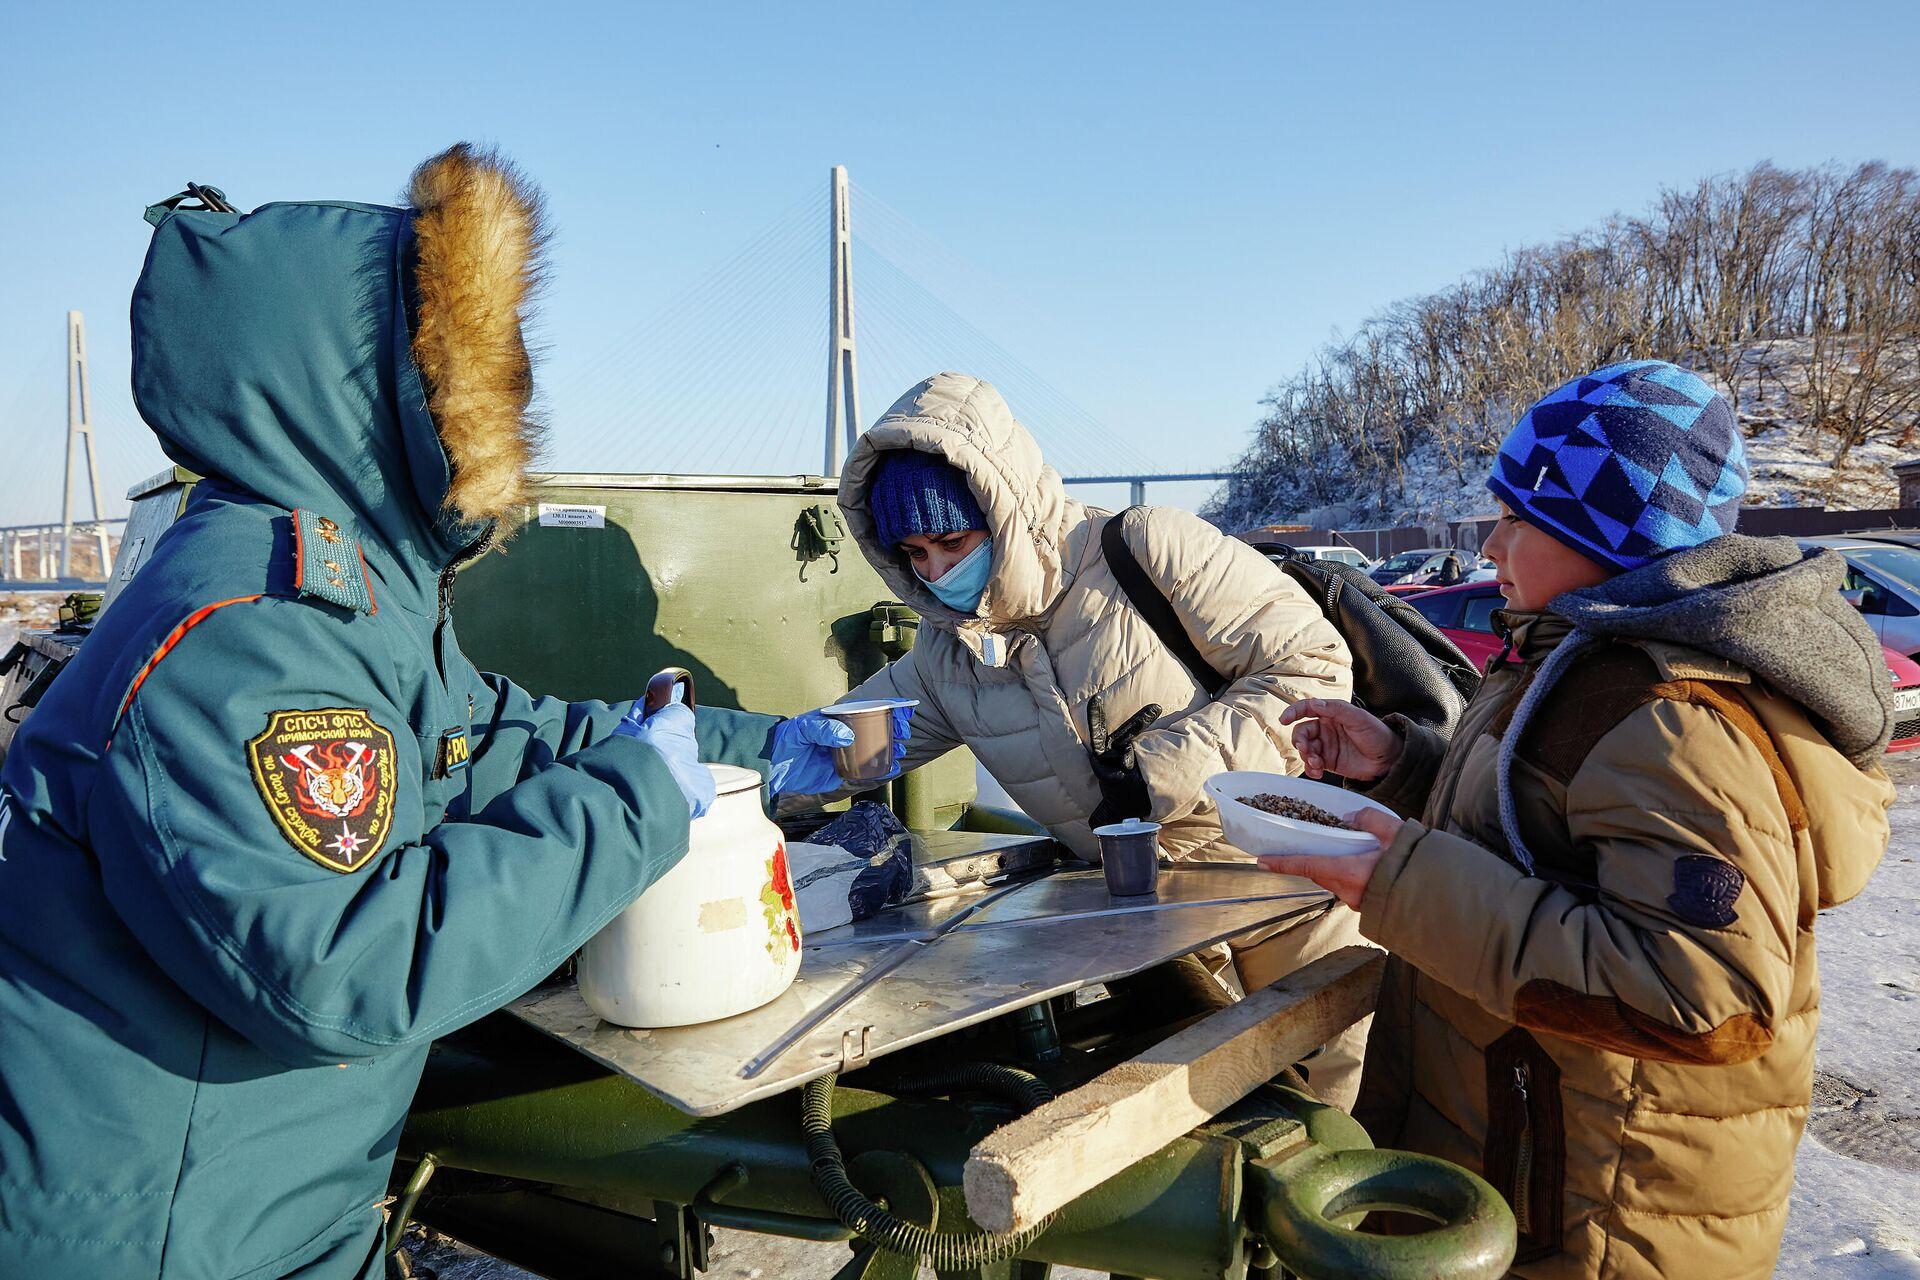 Местные жители на полевой кухне на острове Русский во Владивостоке - РИА Новости, 1920, 01.12.2020